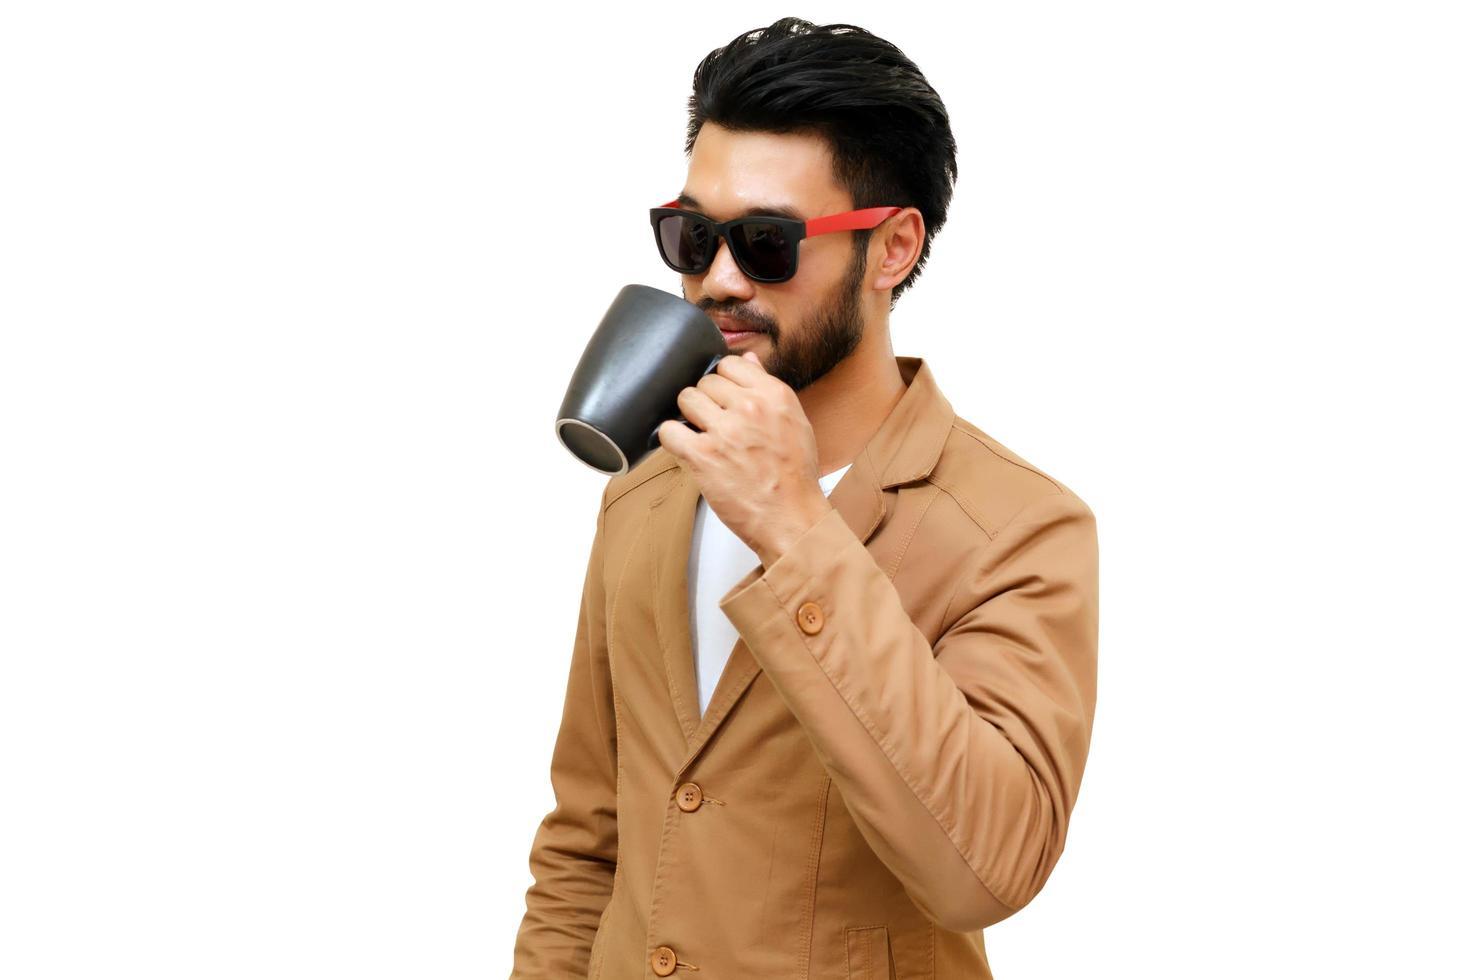 uomo asiatico con i baffi che beve caffè su sfondo bianco foto